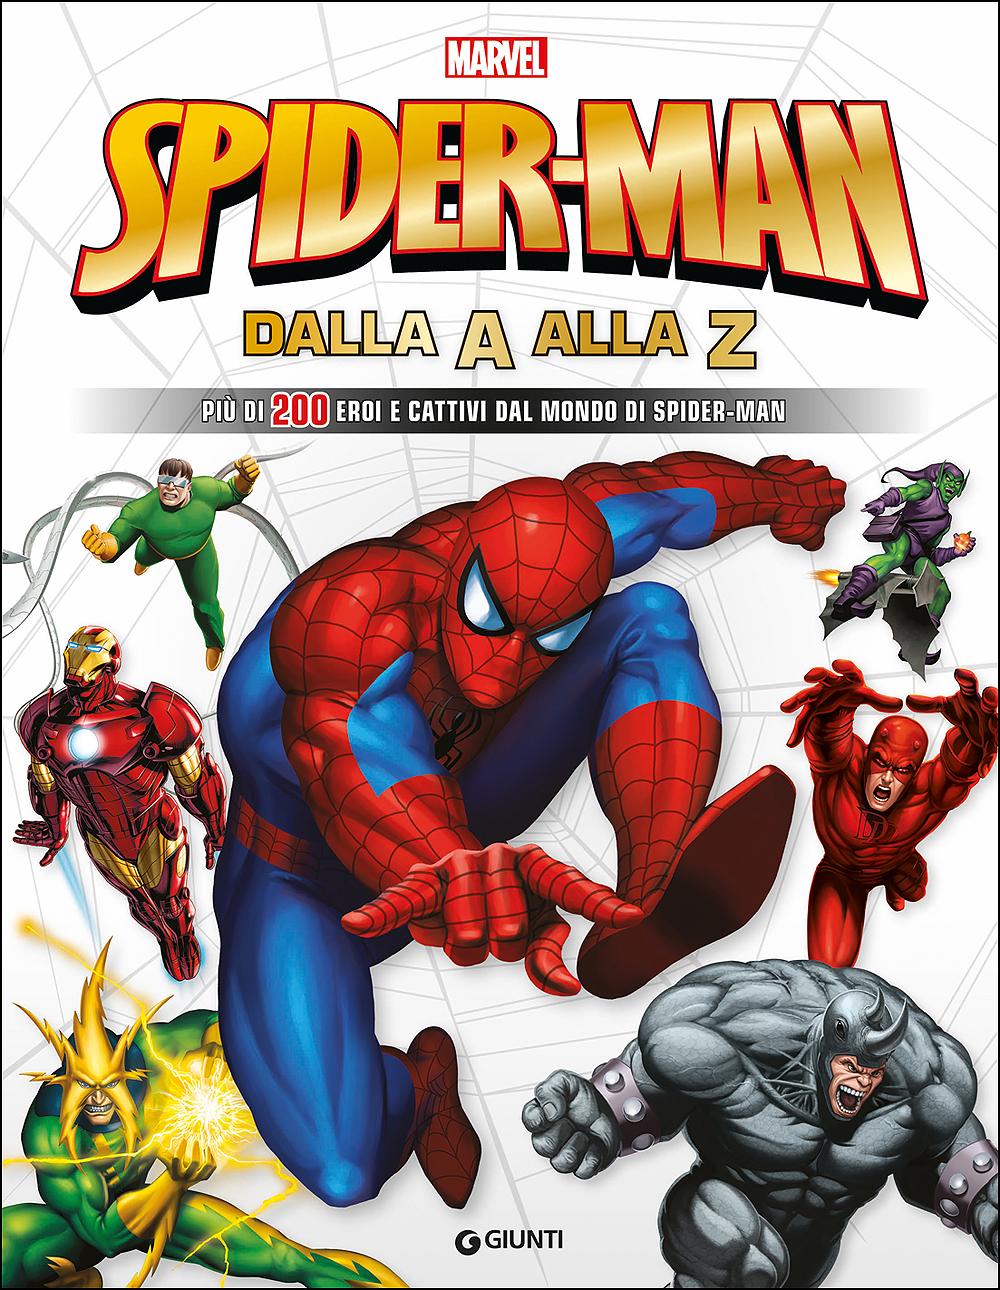 Enciclopedia dei Personaggi - Spider-Man dalla A alla Z